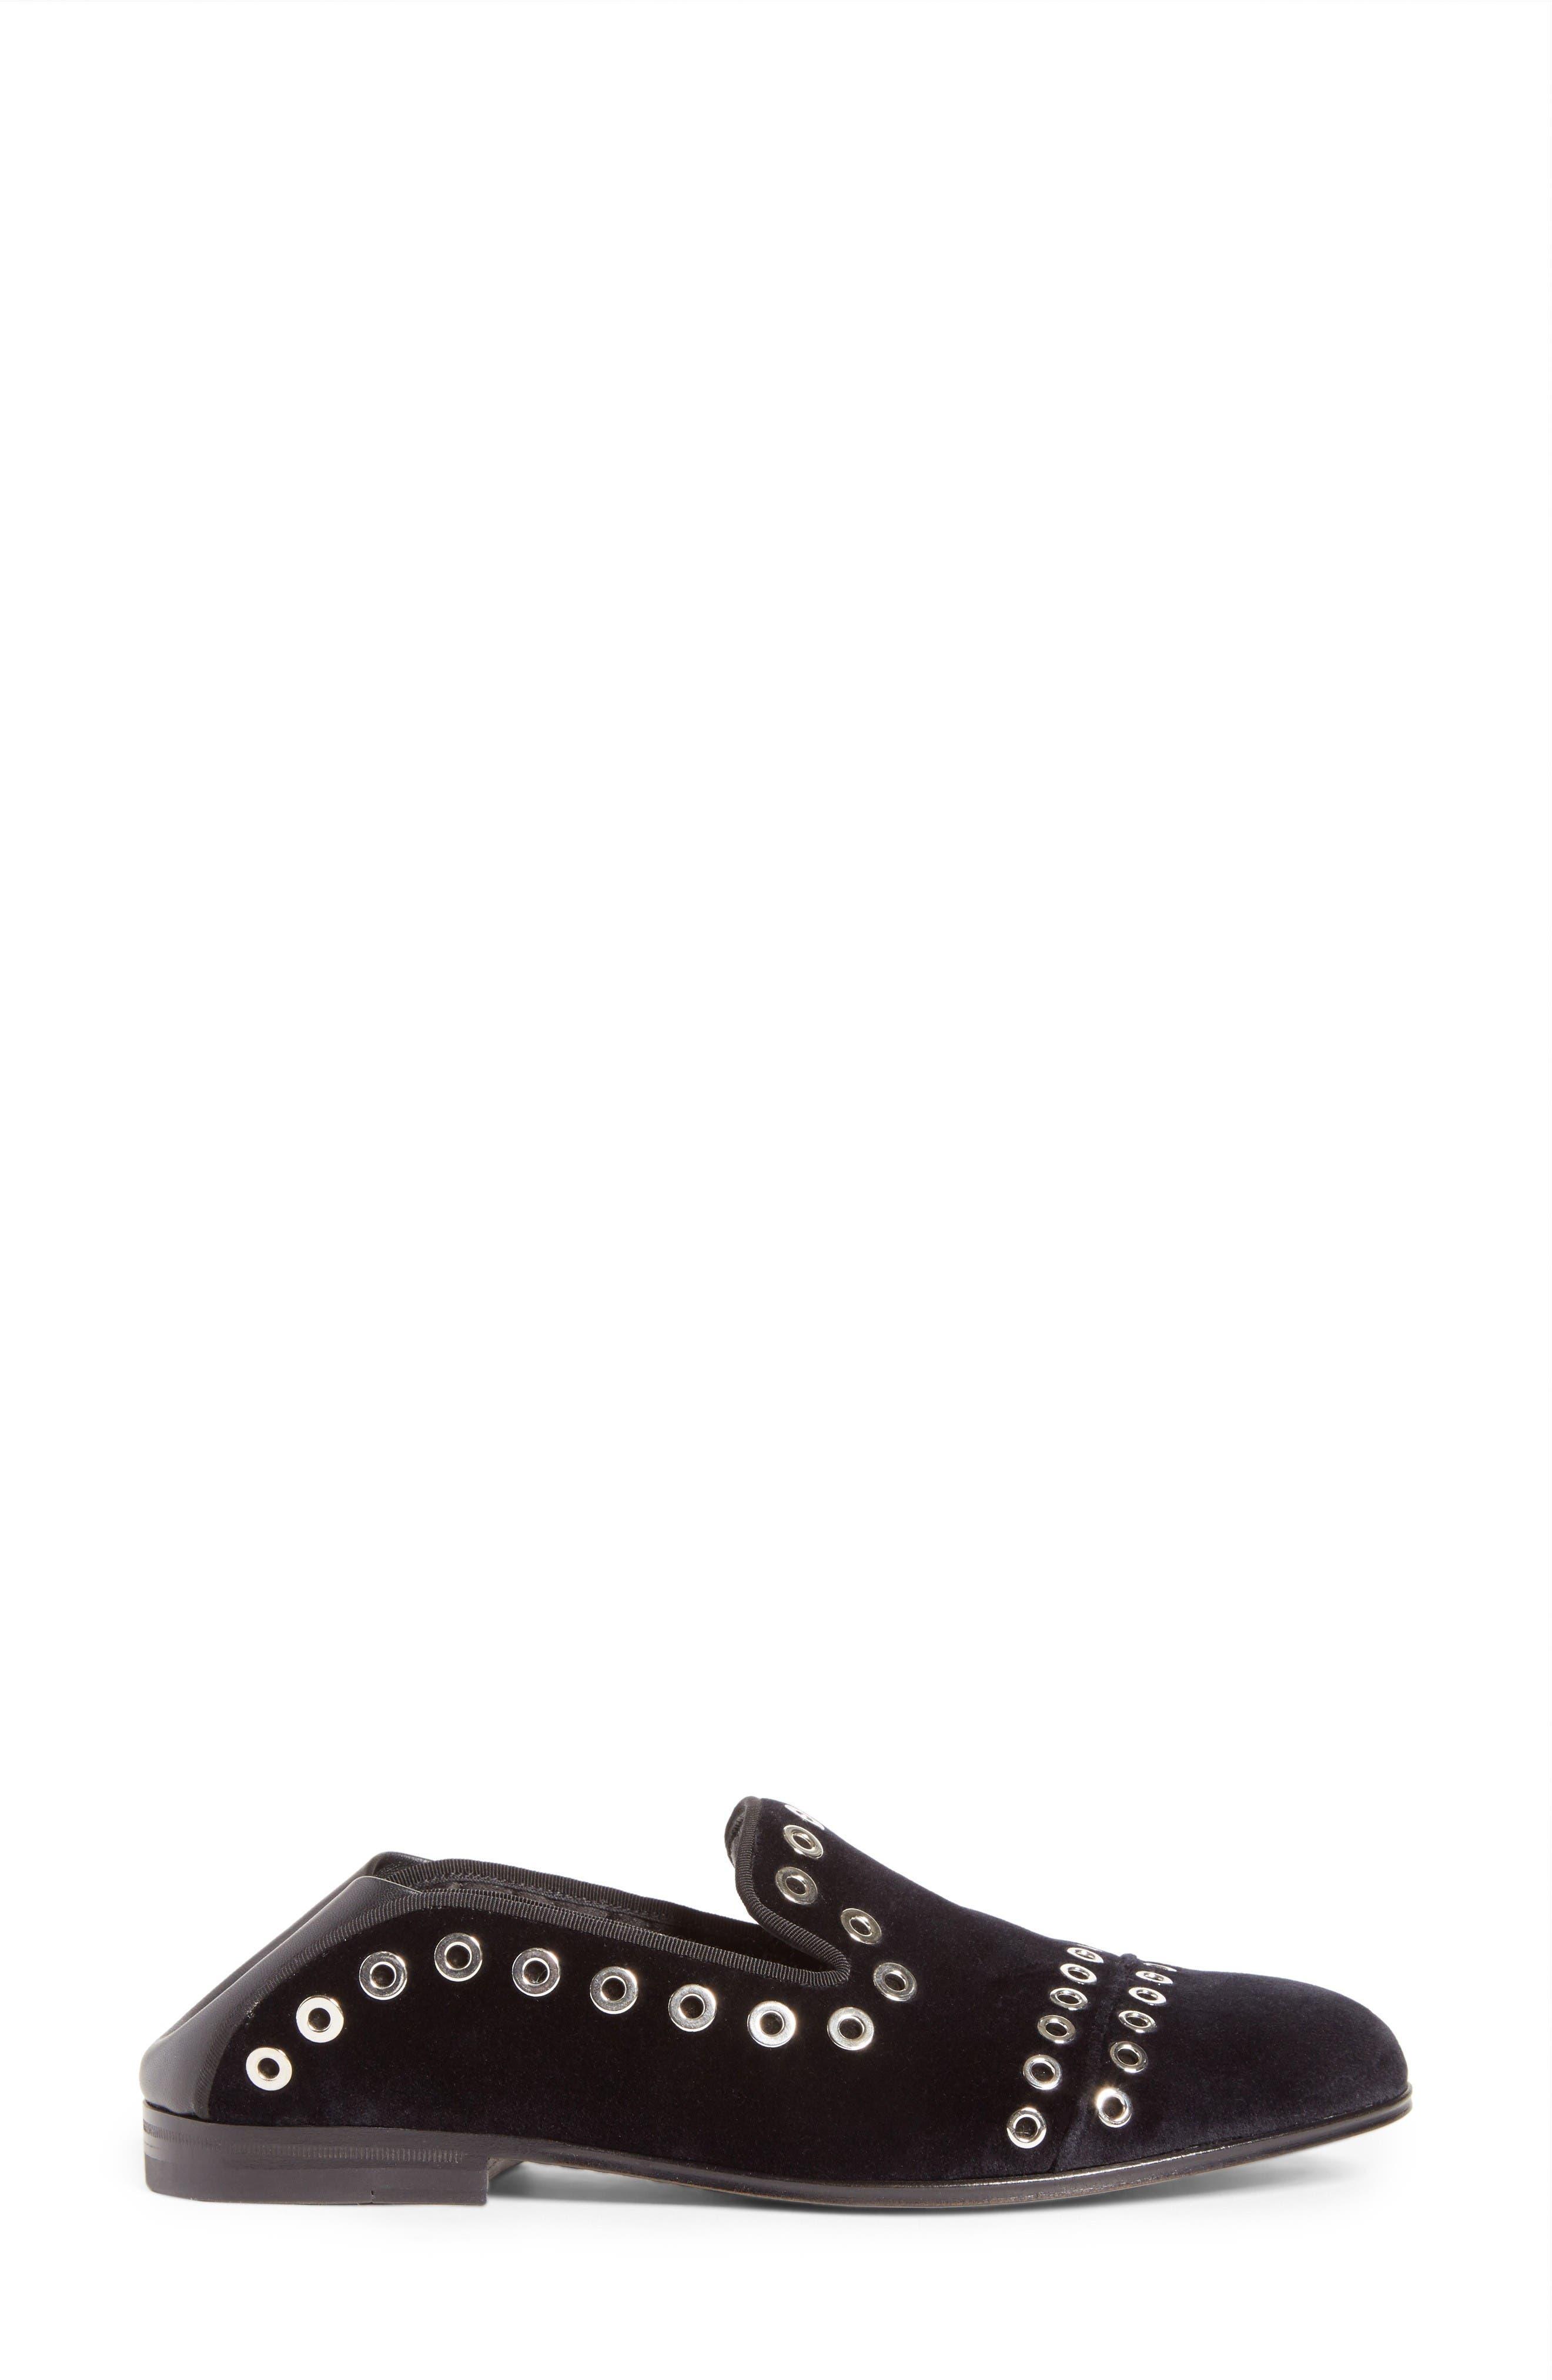 Alternate Image 2  - Alexander McQueen Grommet Convertible Loafer (Women)